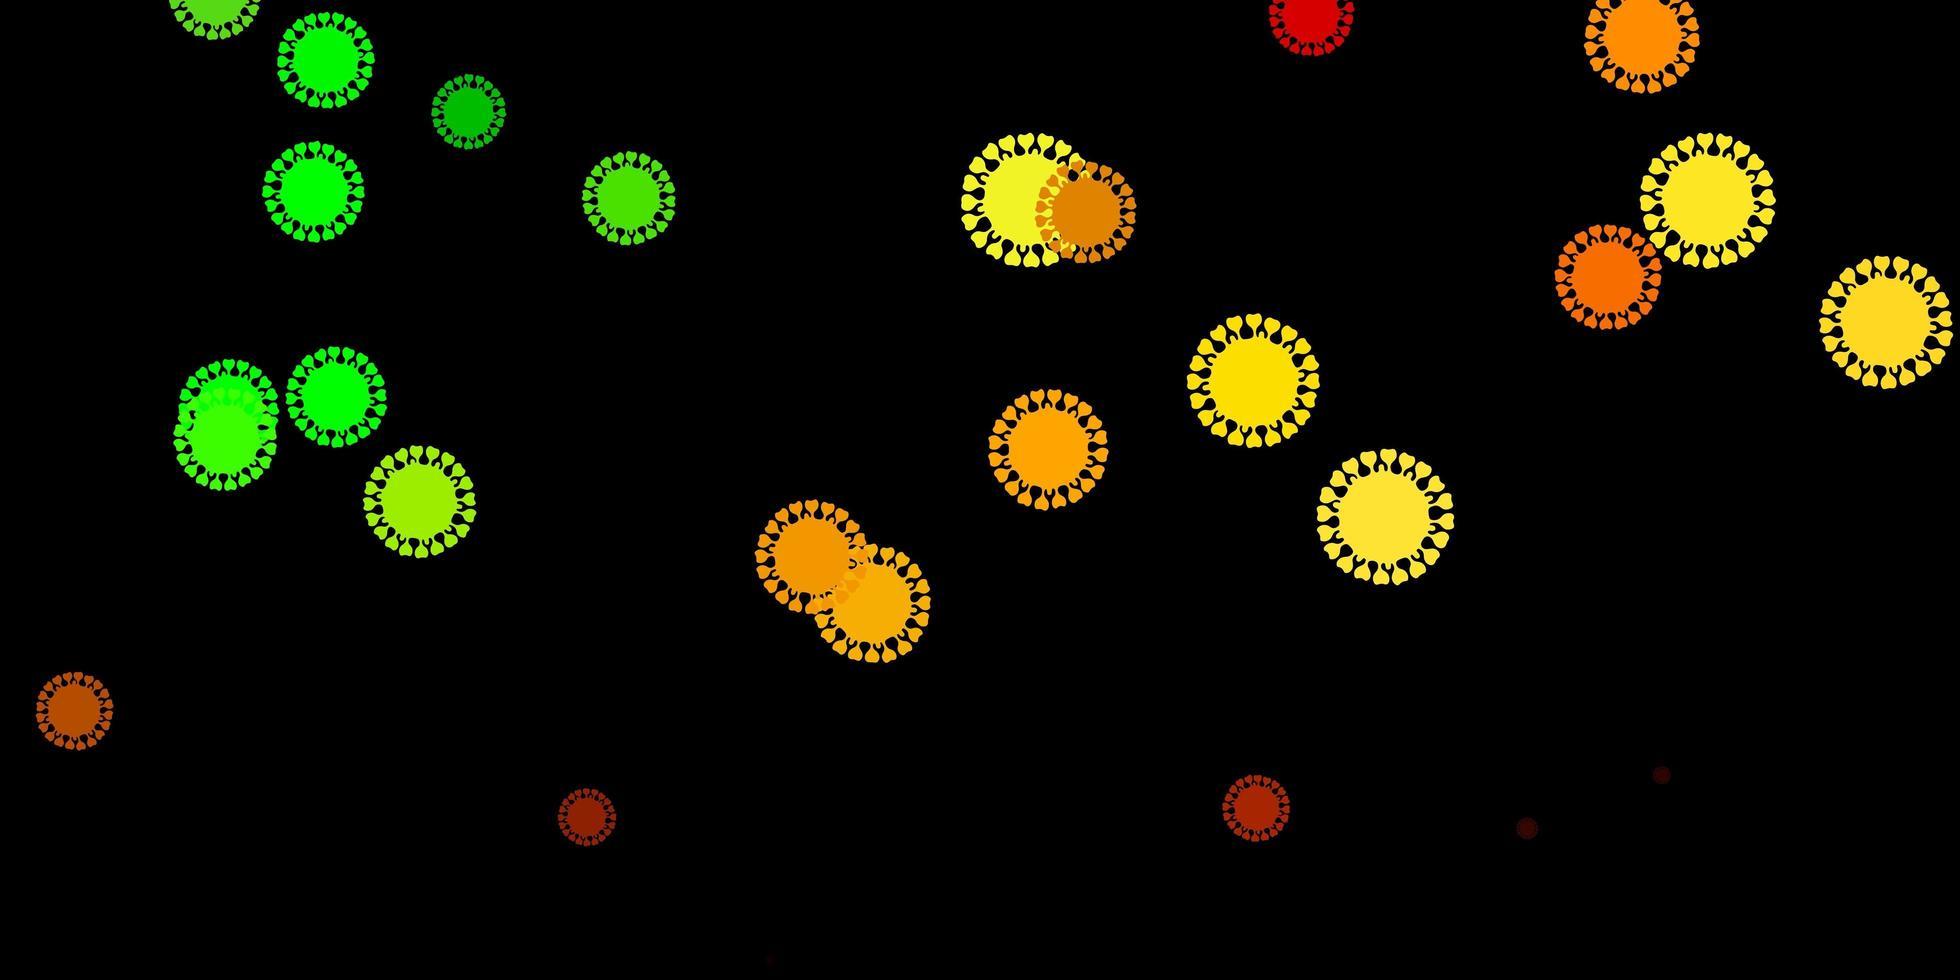 modelo de vetor verde escuro e amarelo com sinais de gripe.